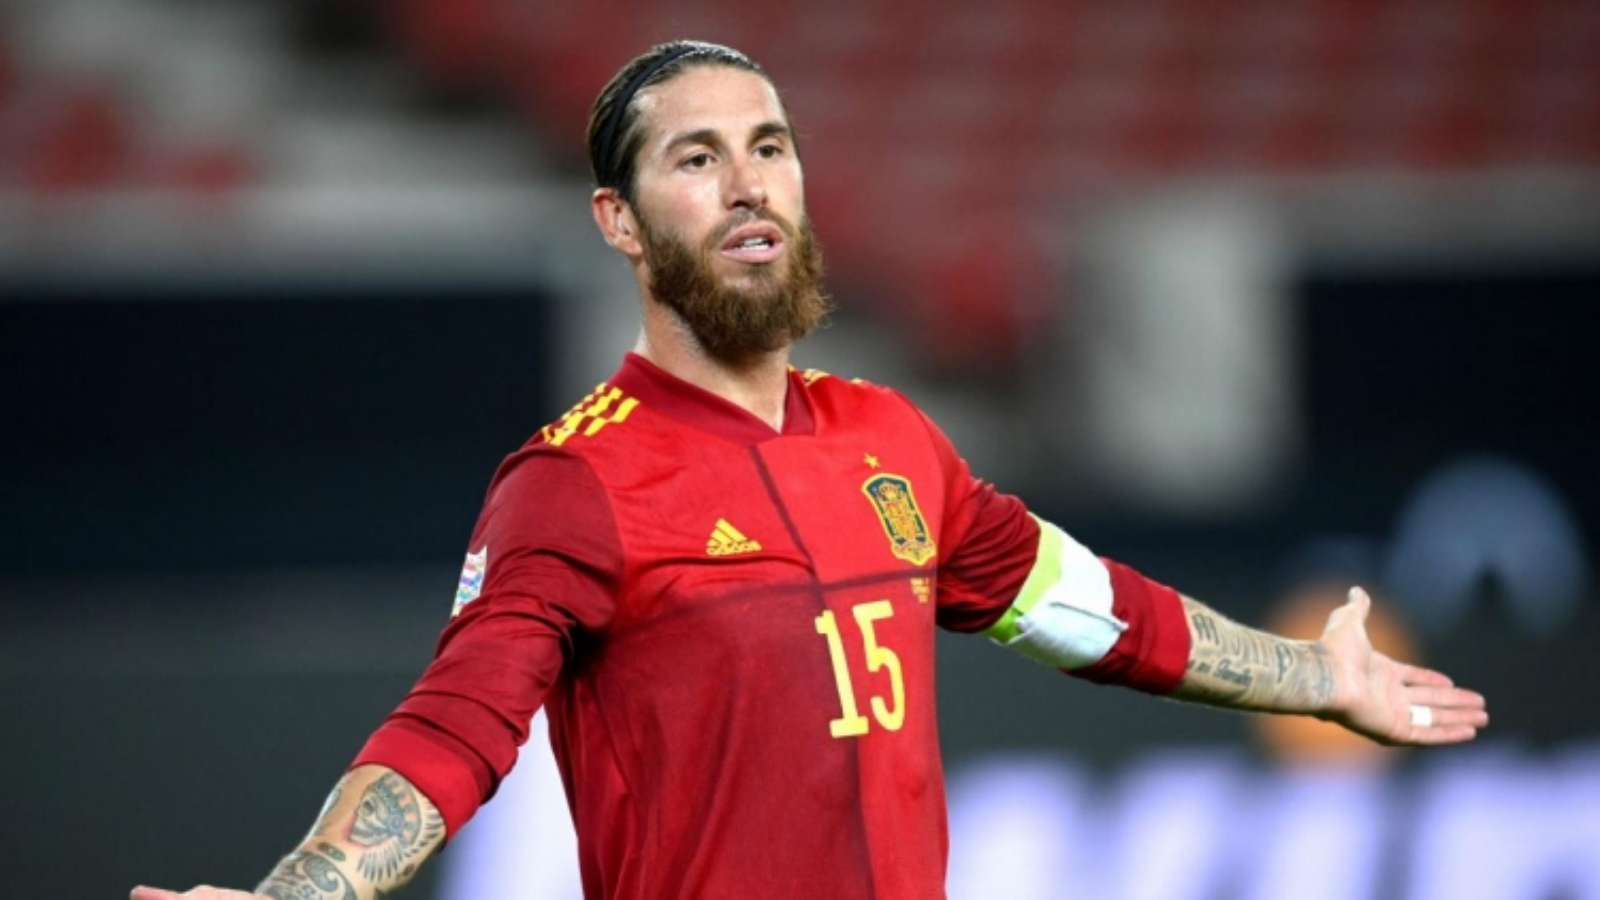 Sergio Ramos có thể vươn tới kỷ lục khó tin ngay đêm nay